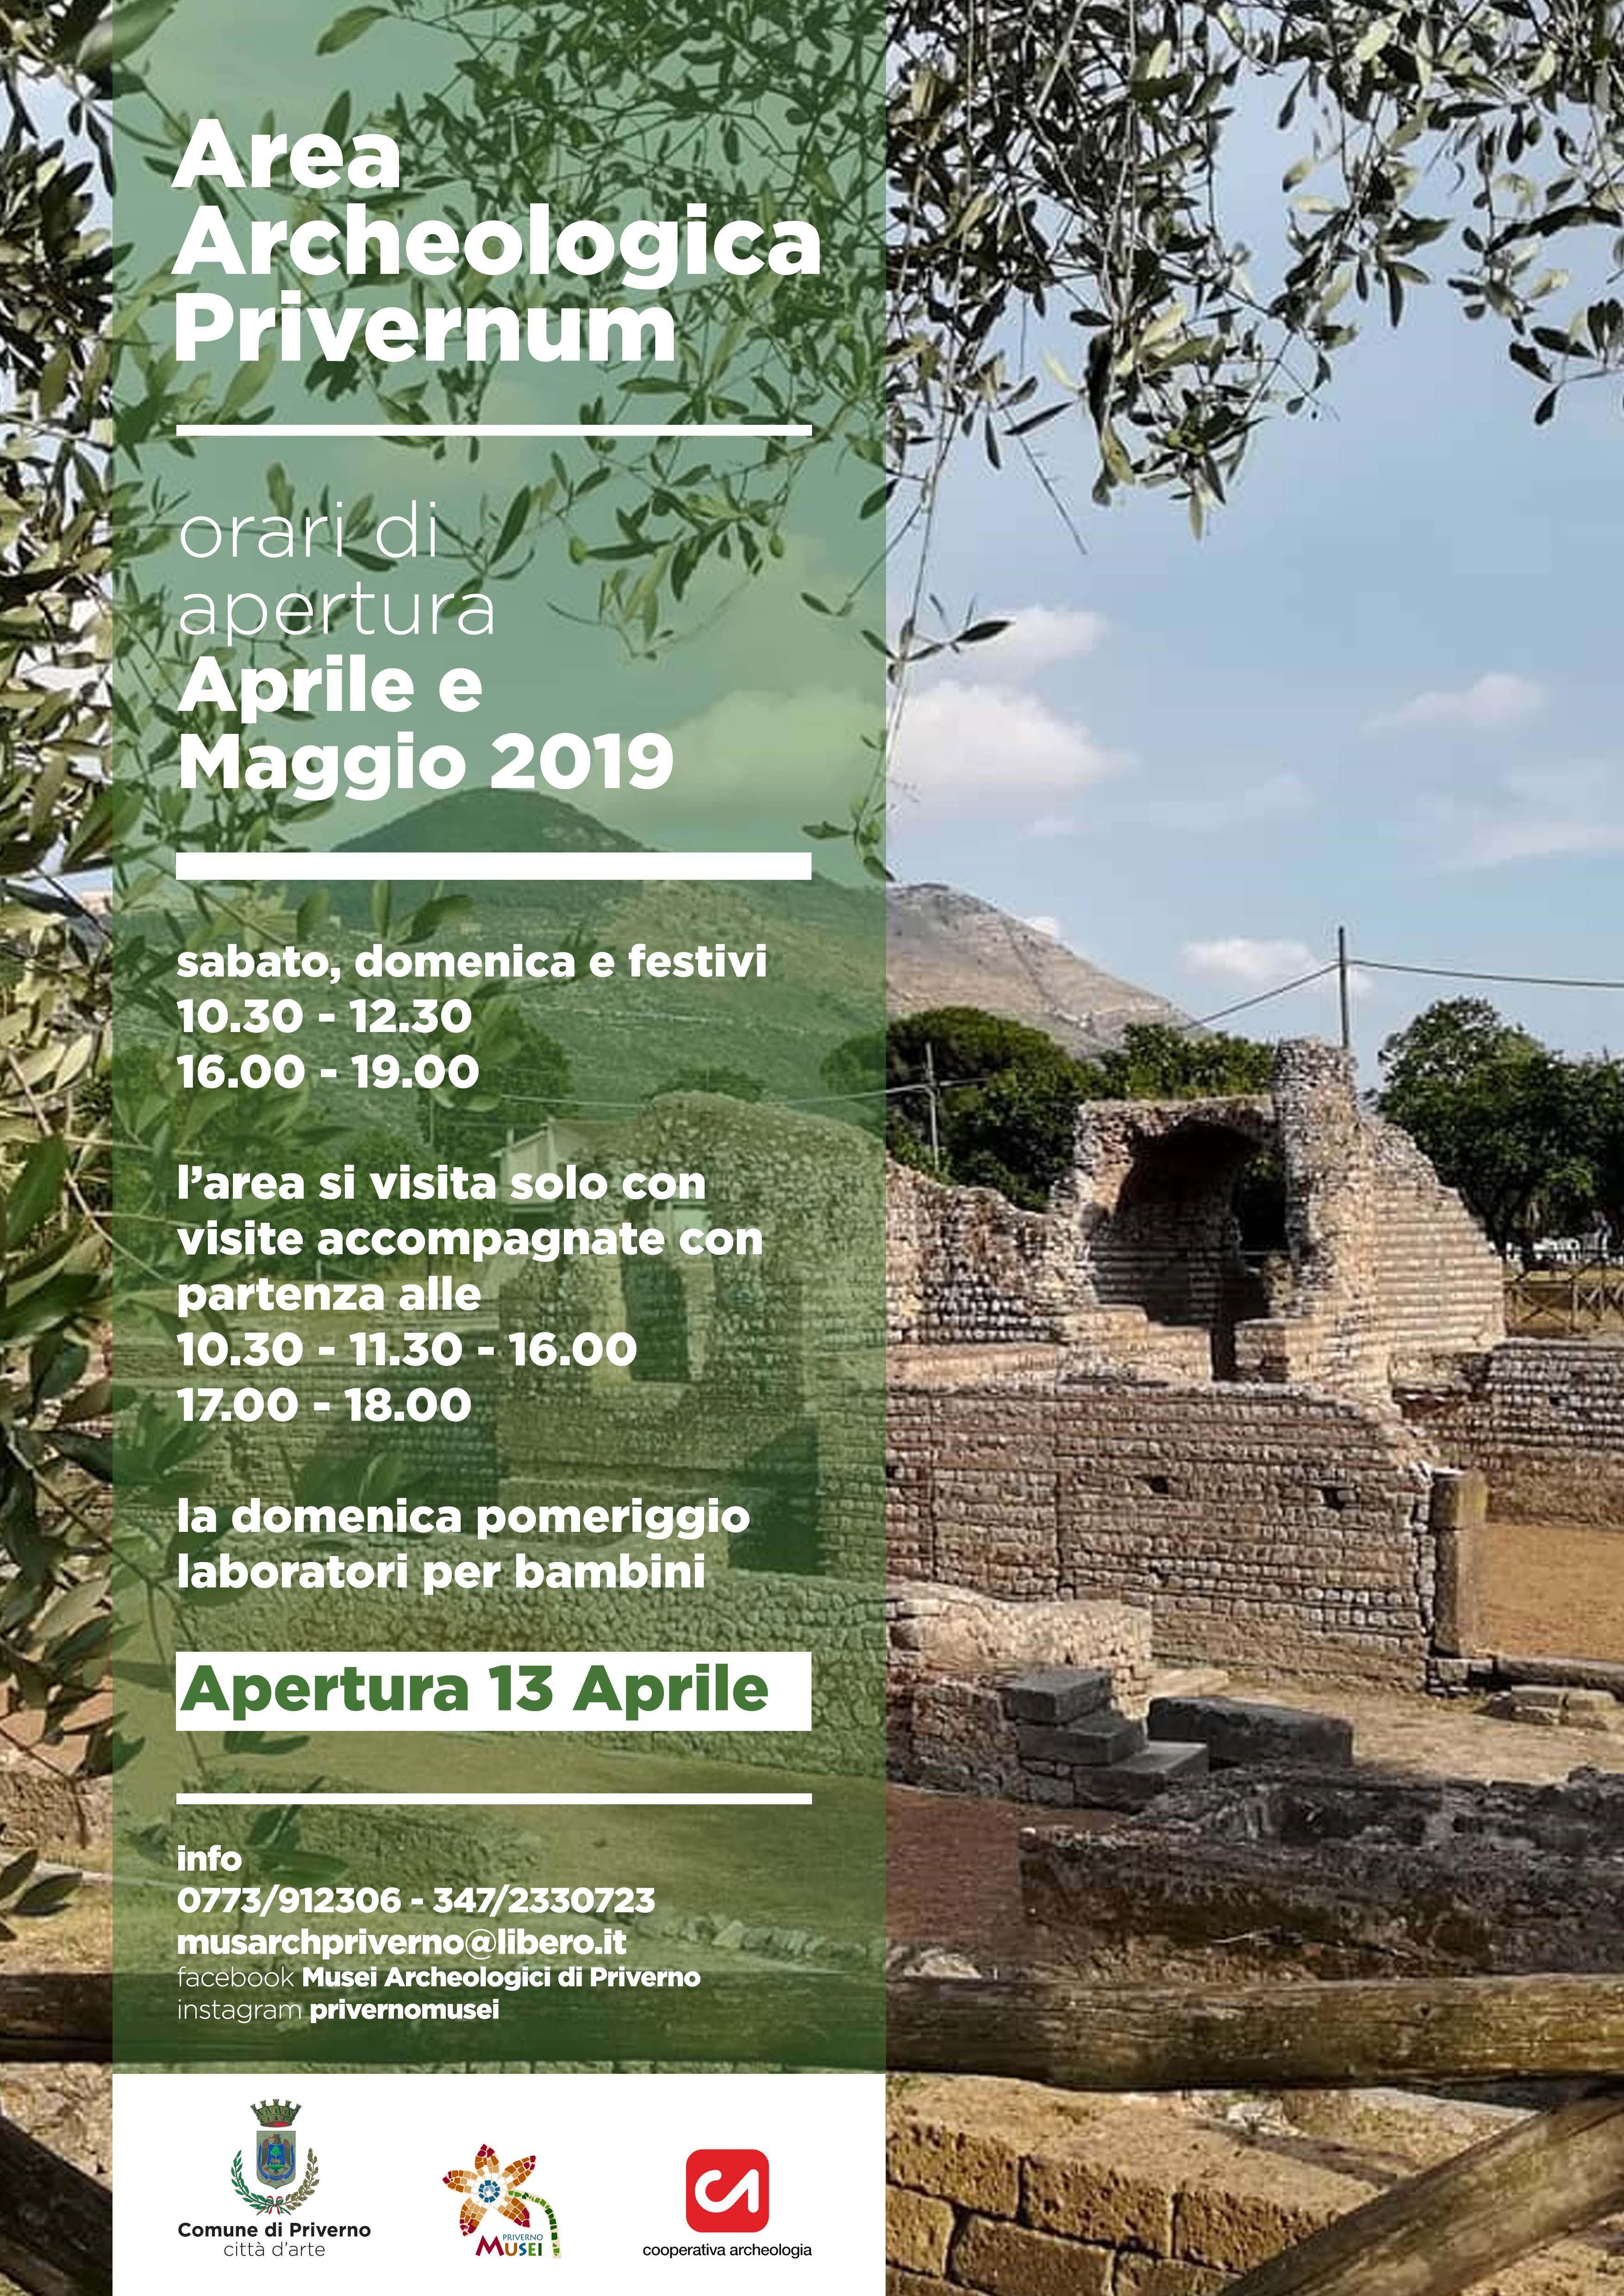 20190408_locandina-area-archeologica